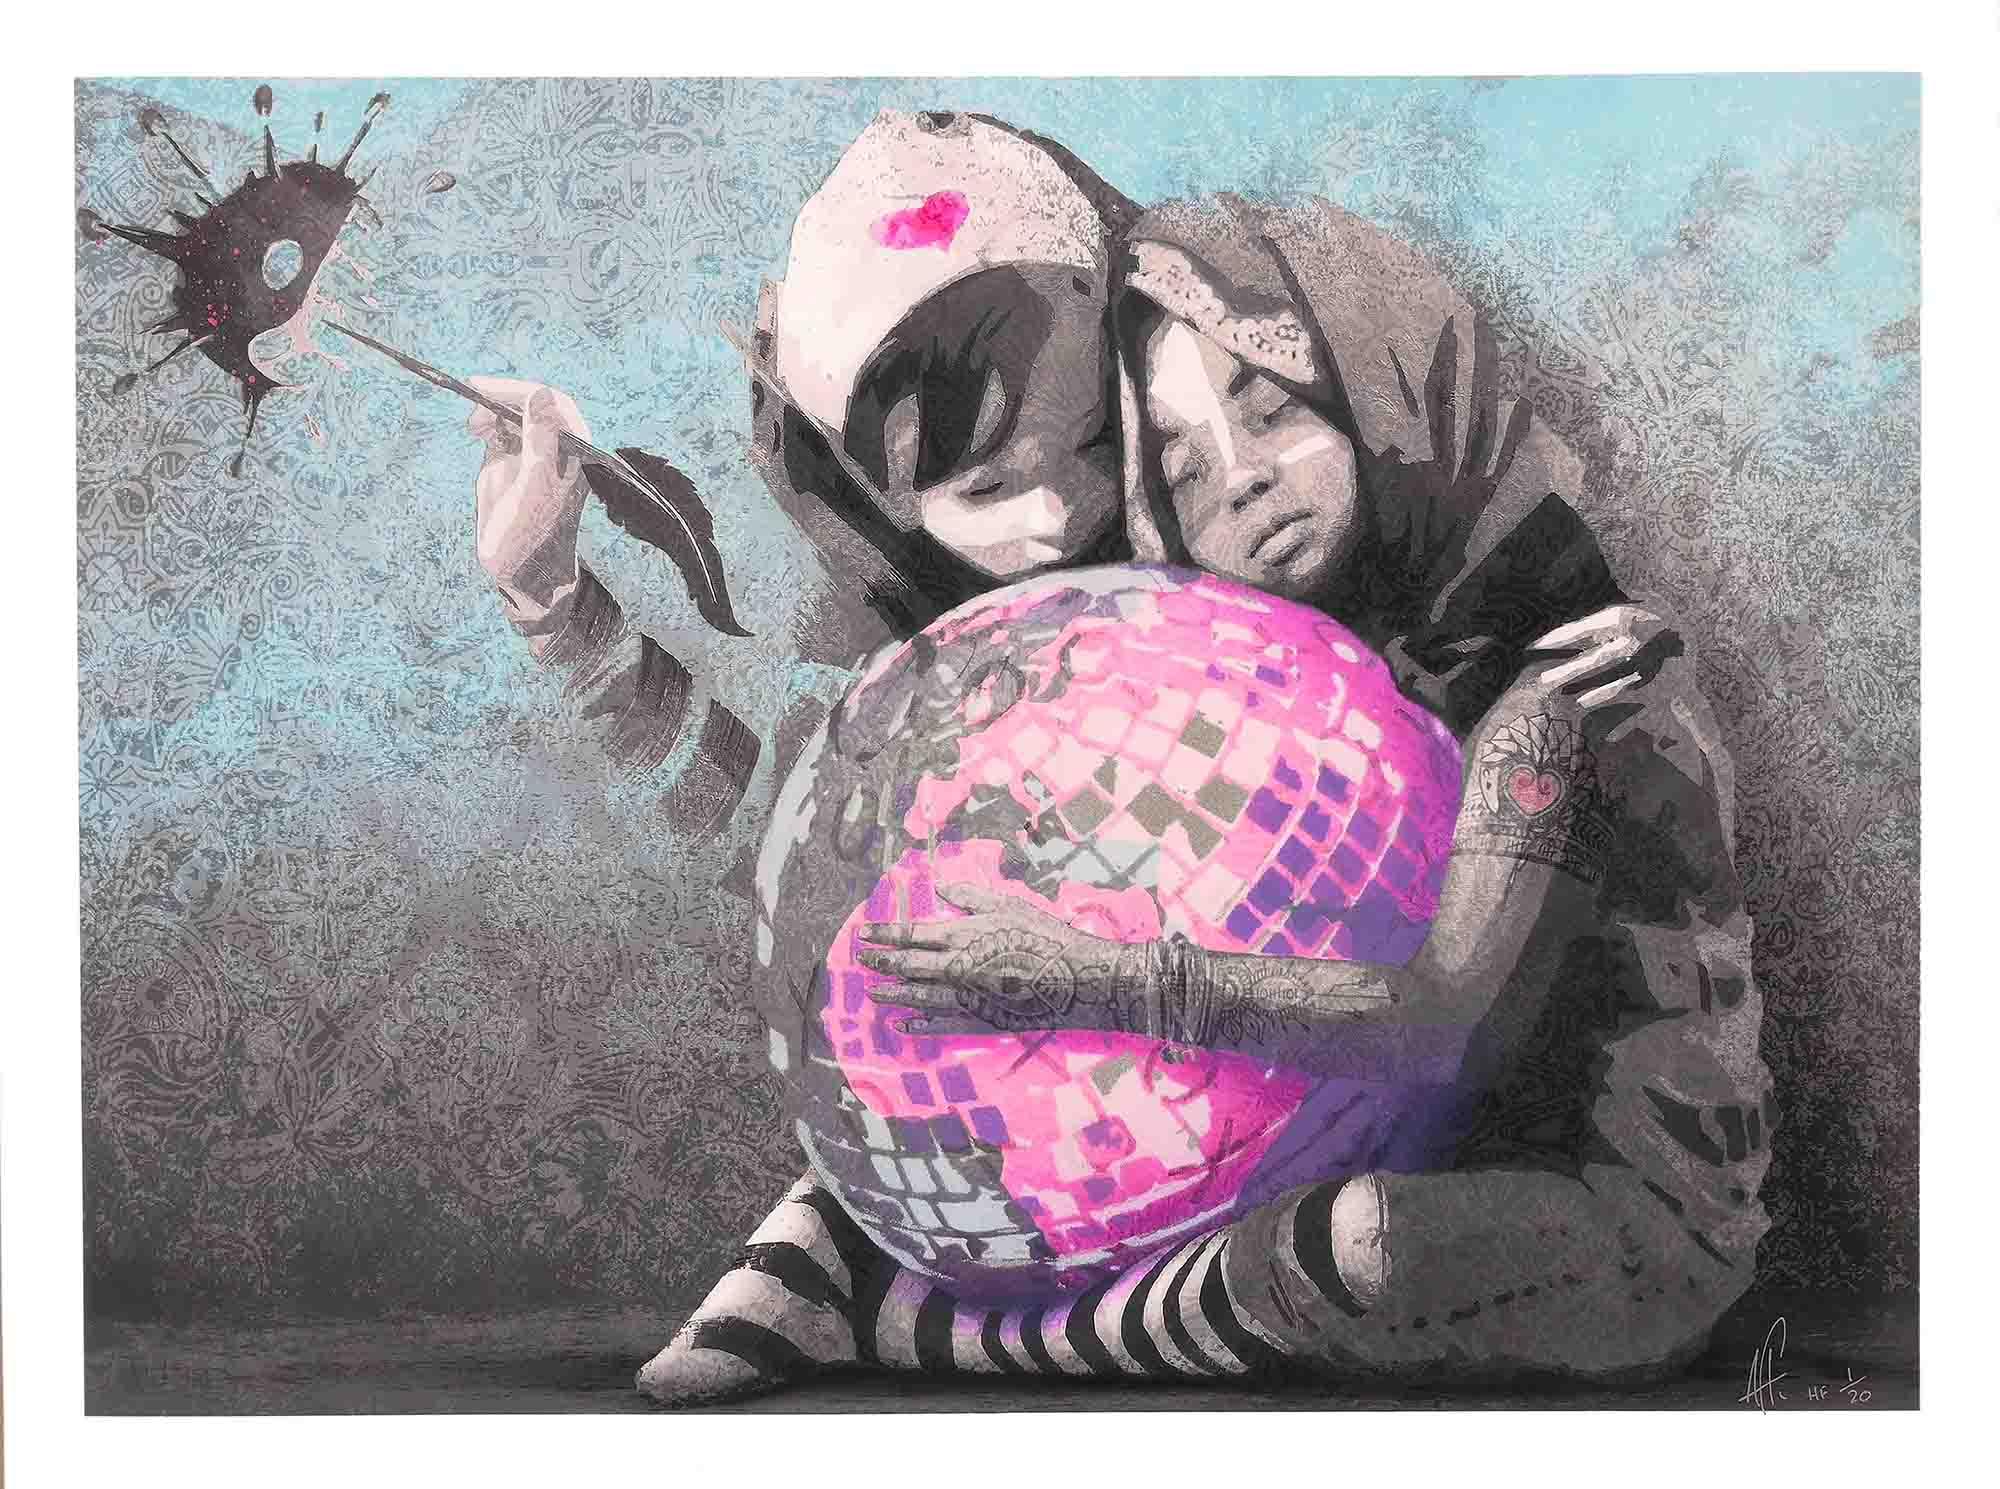 AFK - Hug the world small HF